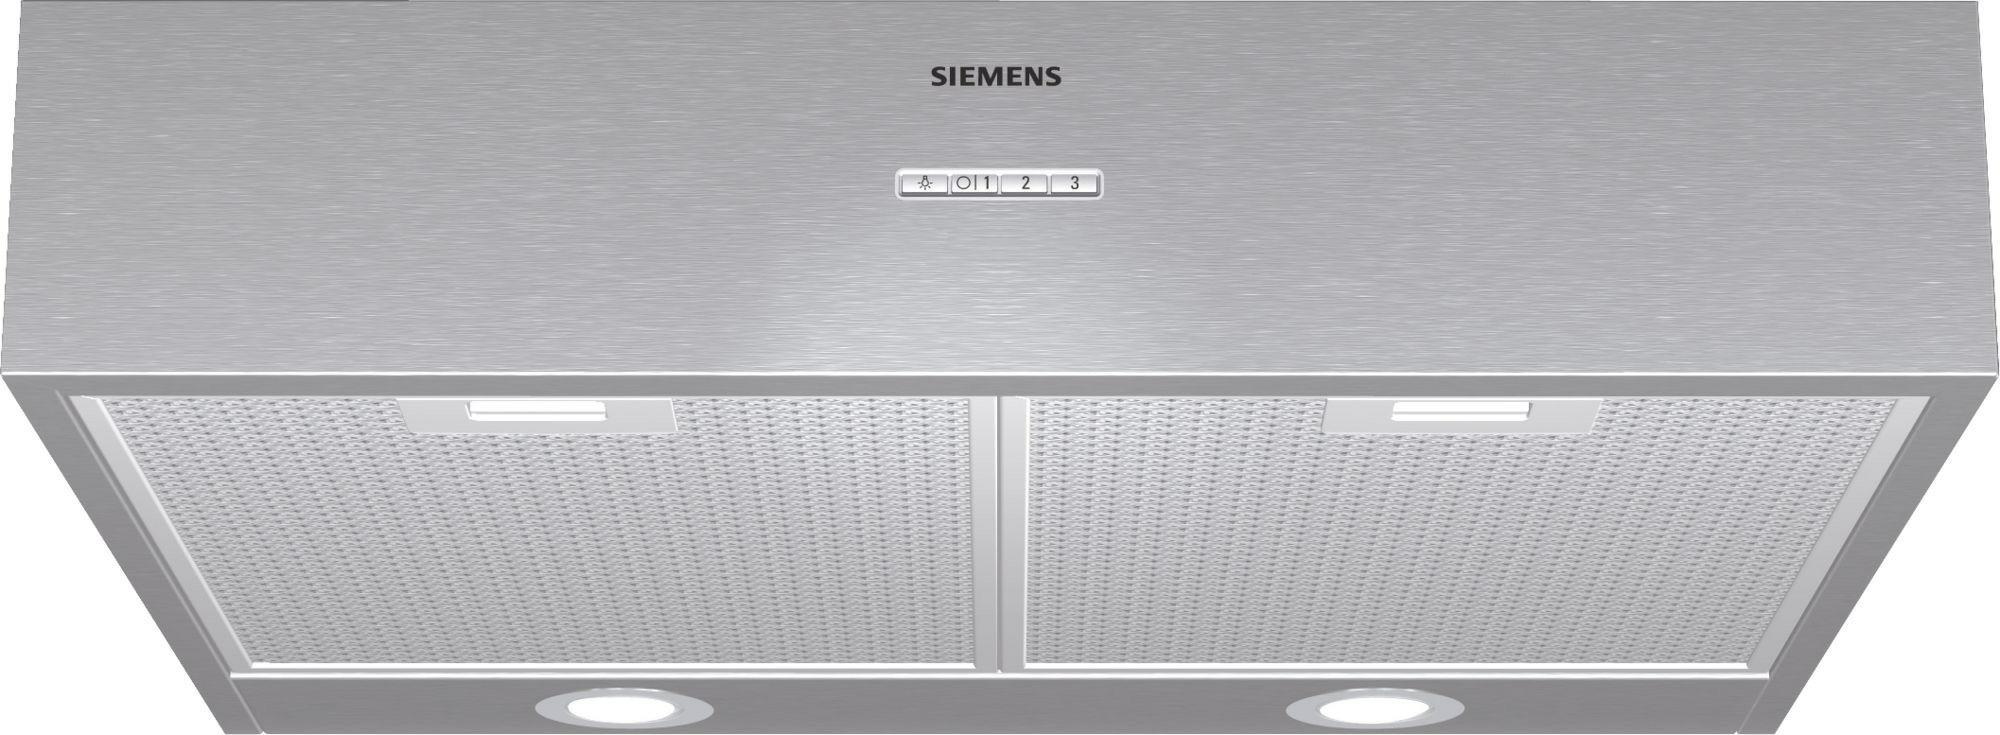 dampkap onderbouwdampkap Siemens LU29050 dampkap onderbouwdampkap LU 29050